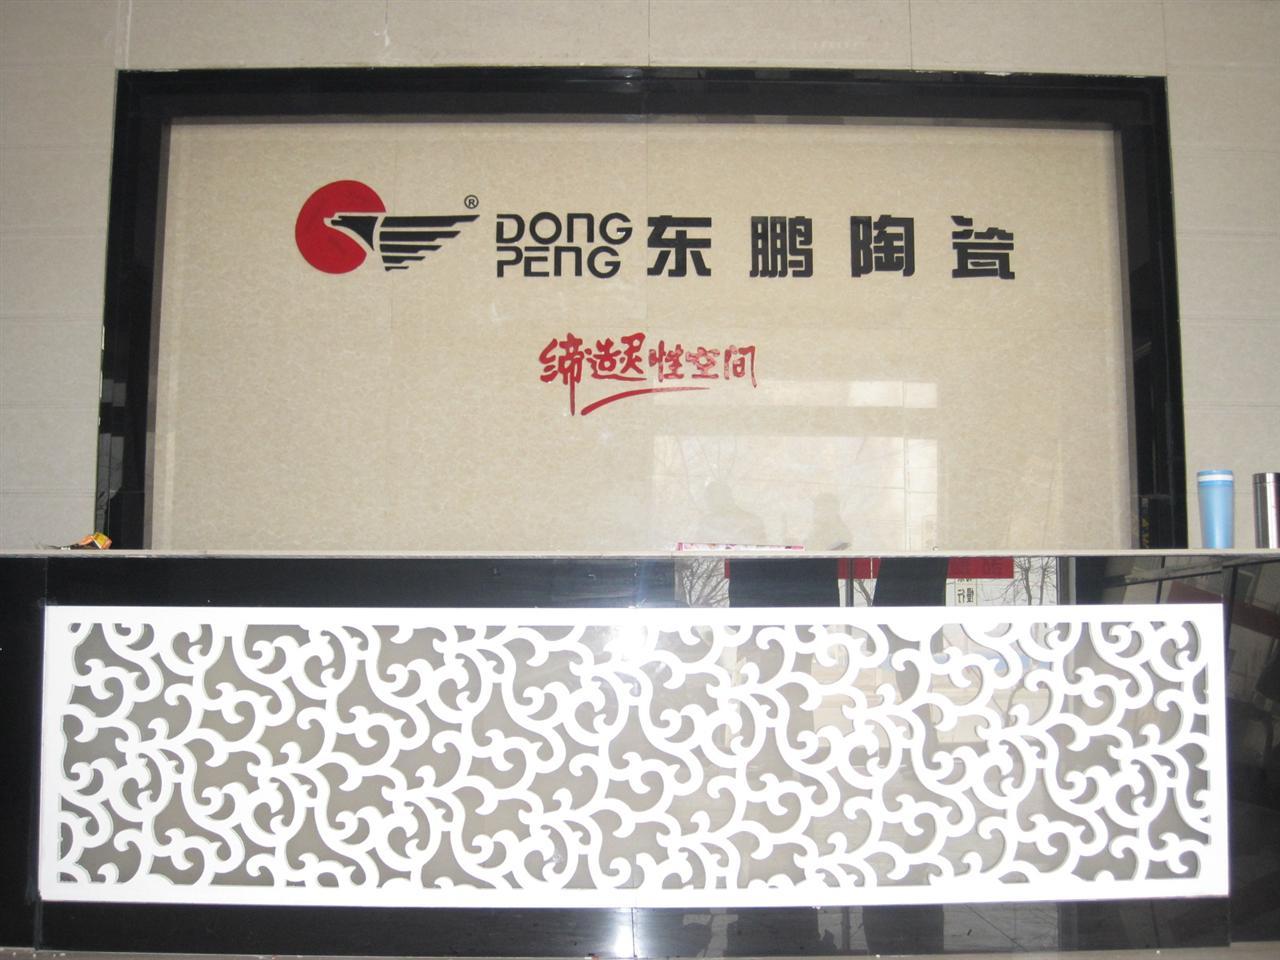 襄汾冠珠陶瓷.东鹏瓷砖 家居街 襄汾在线 高清图片